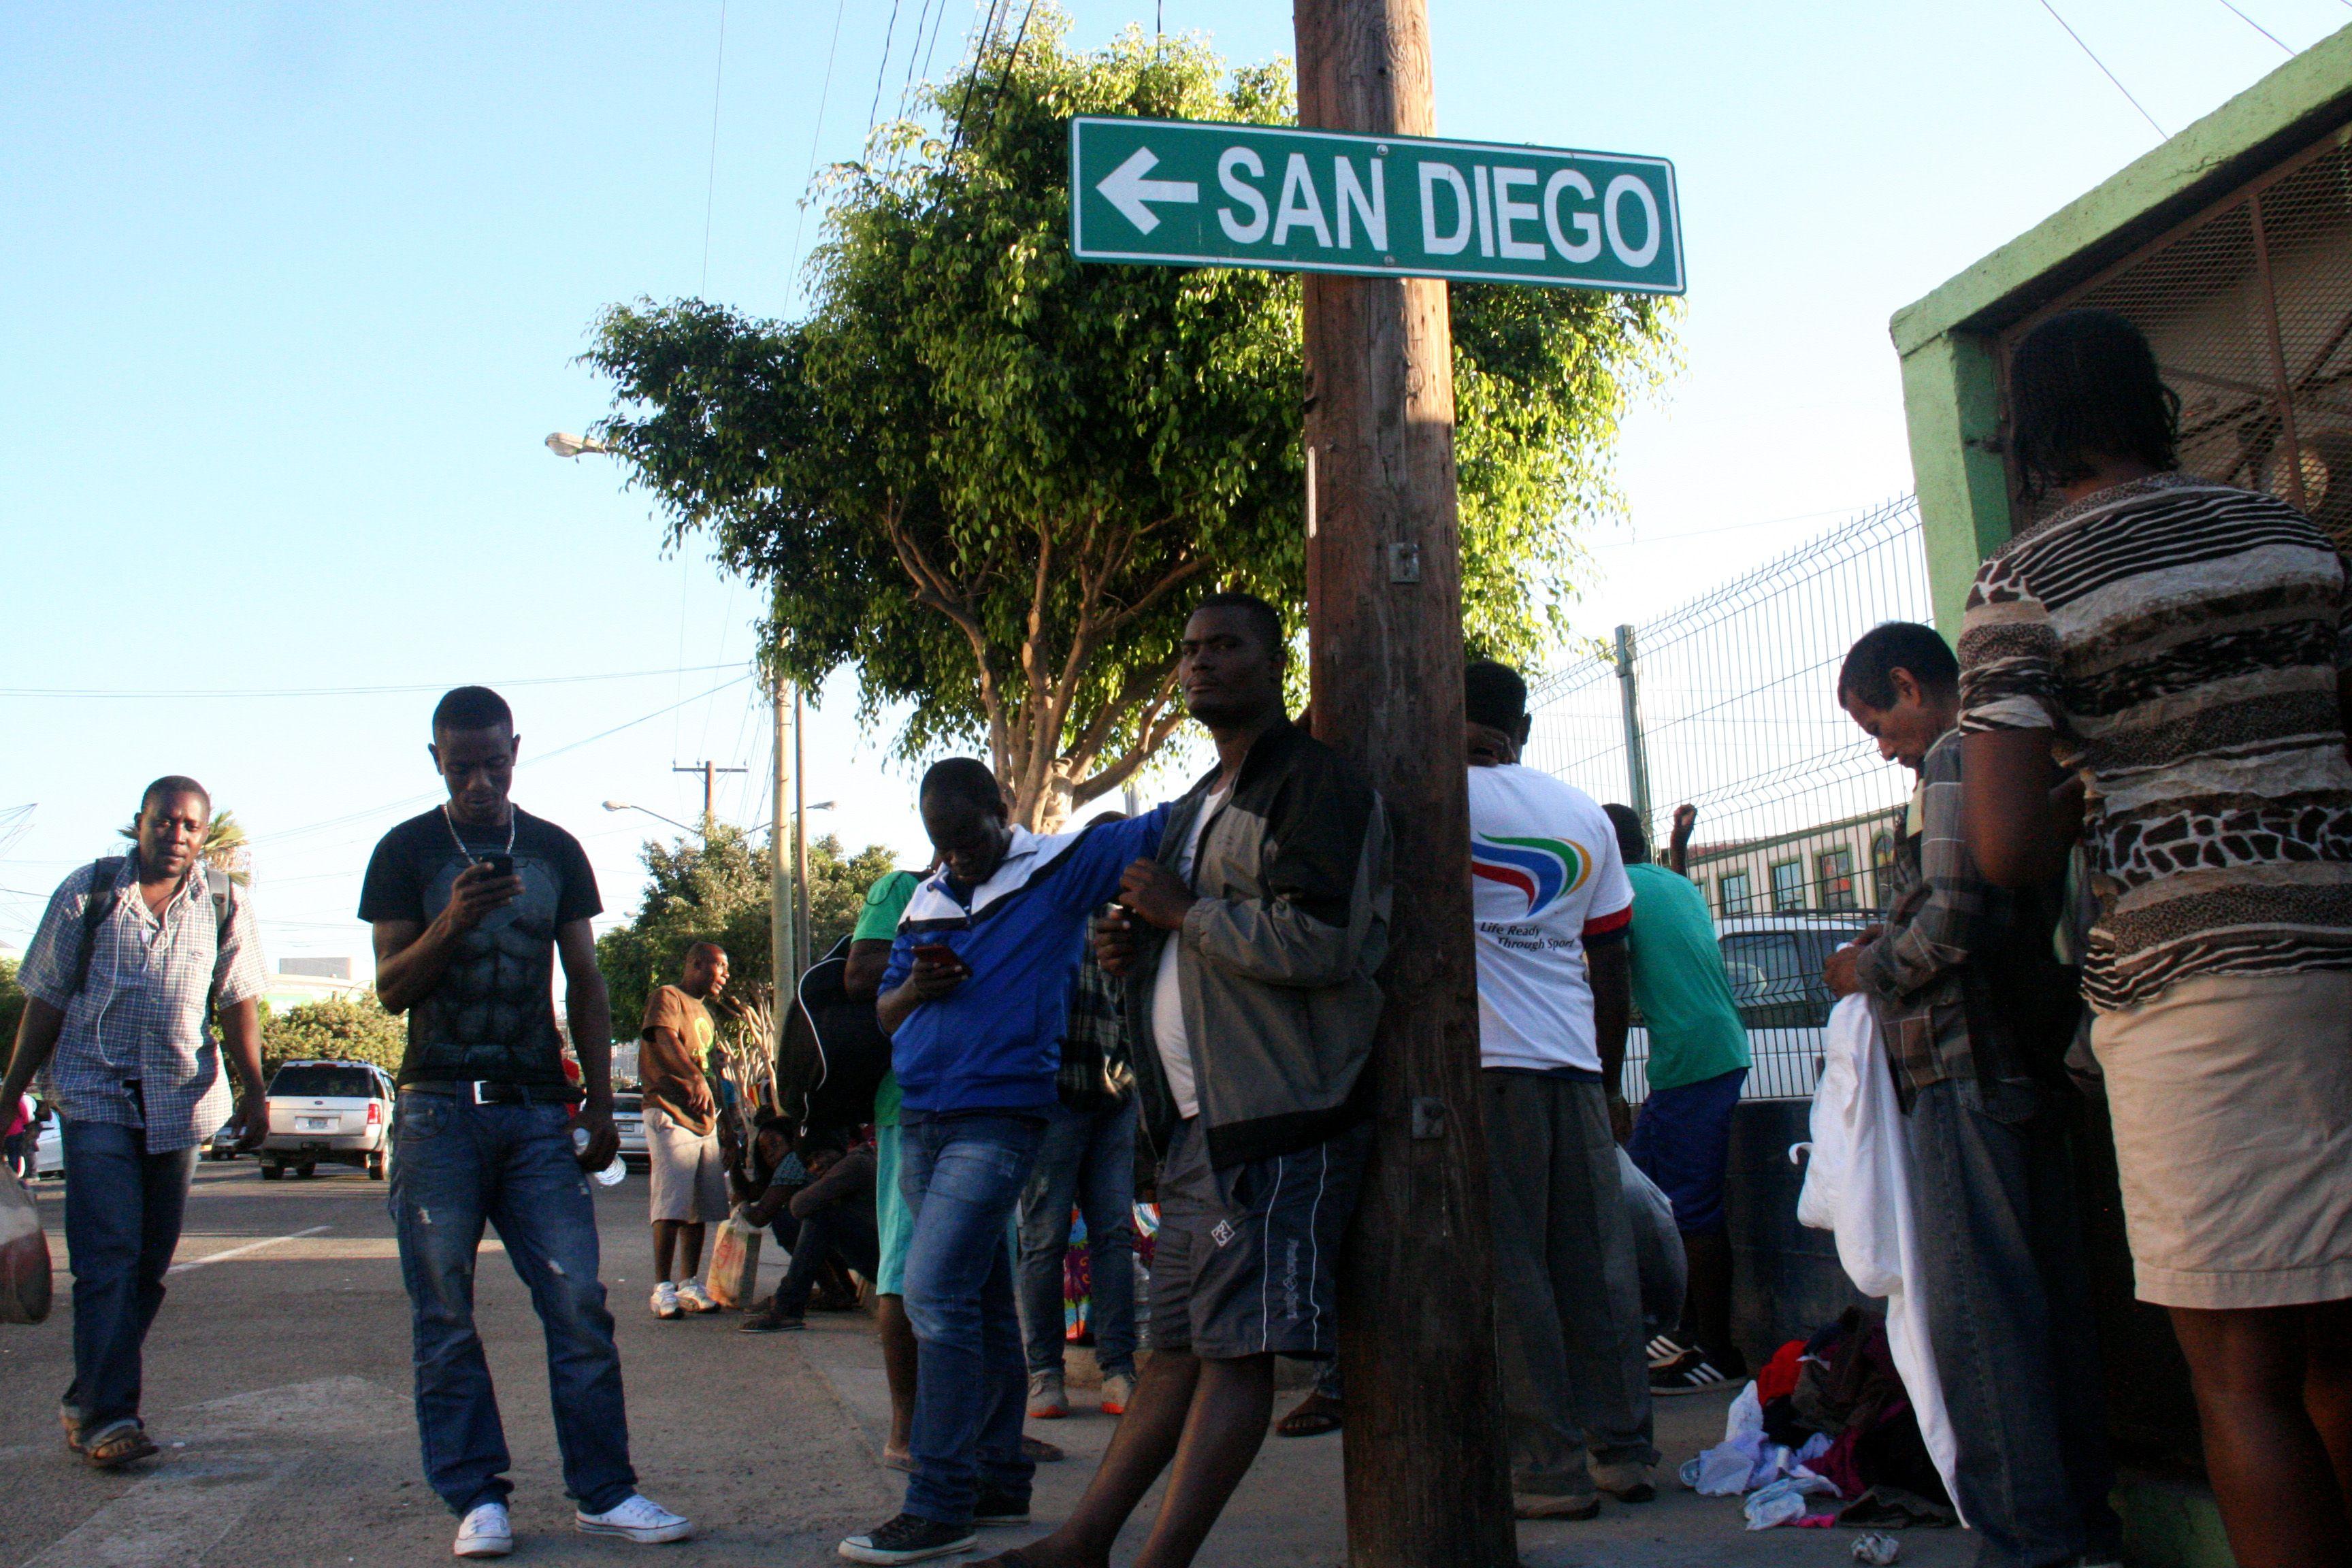 mexico/eeuu.- miles de migrantes haitianos esperan frente a la frontera entre mexico y estados unidos